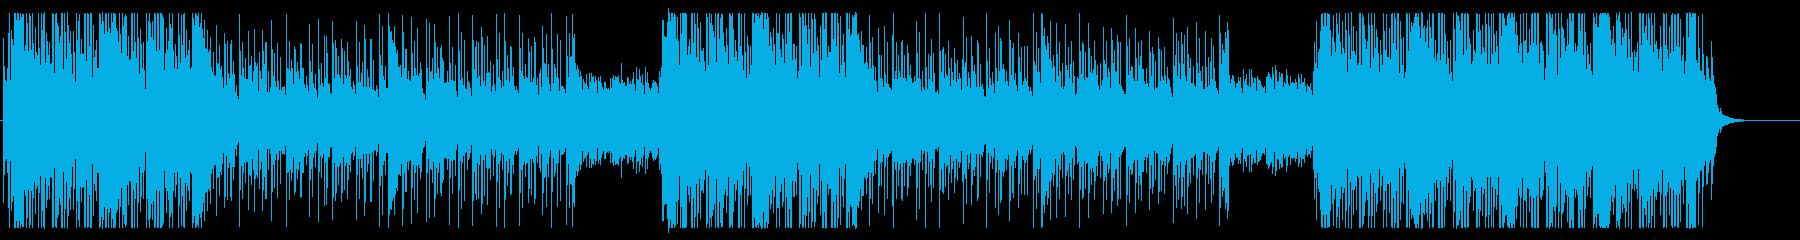 洋楽オシャレ系Future Bass の再生済みの波形